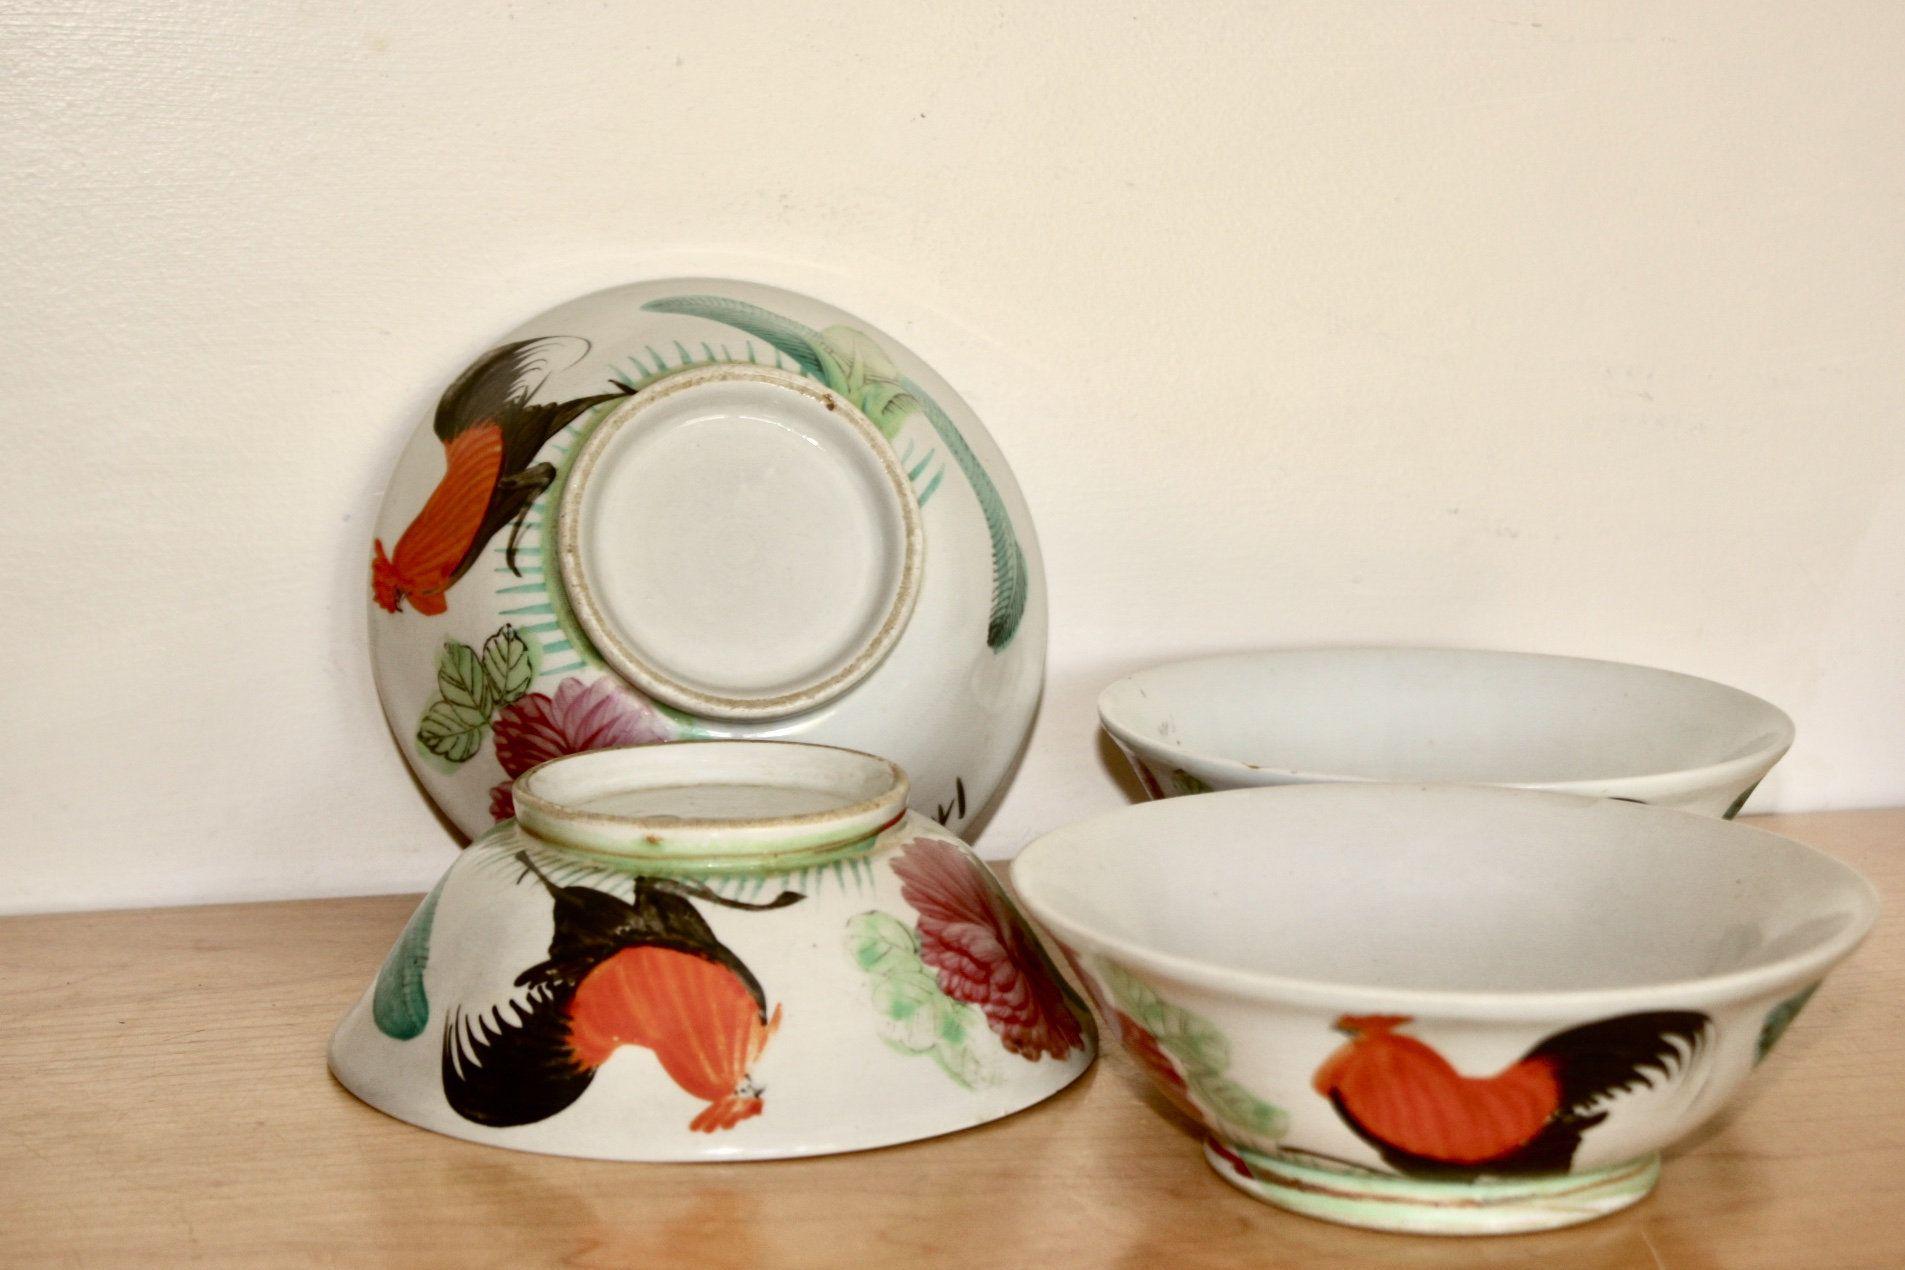 4 Old Chinese Rooster Bowls Vintage Porcelain For Serving Soup Rice Bowl Or Decor Vintage Porcelain Bowl Rooster